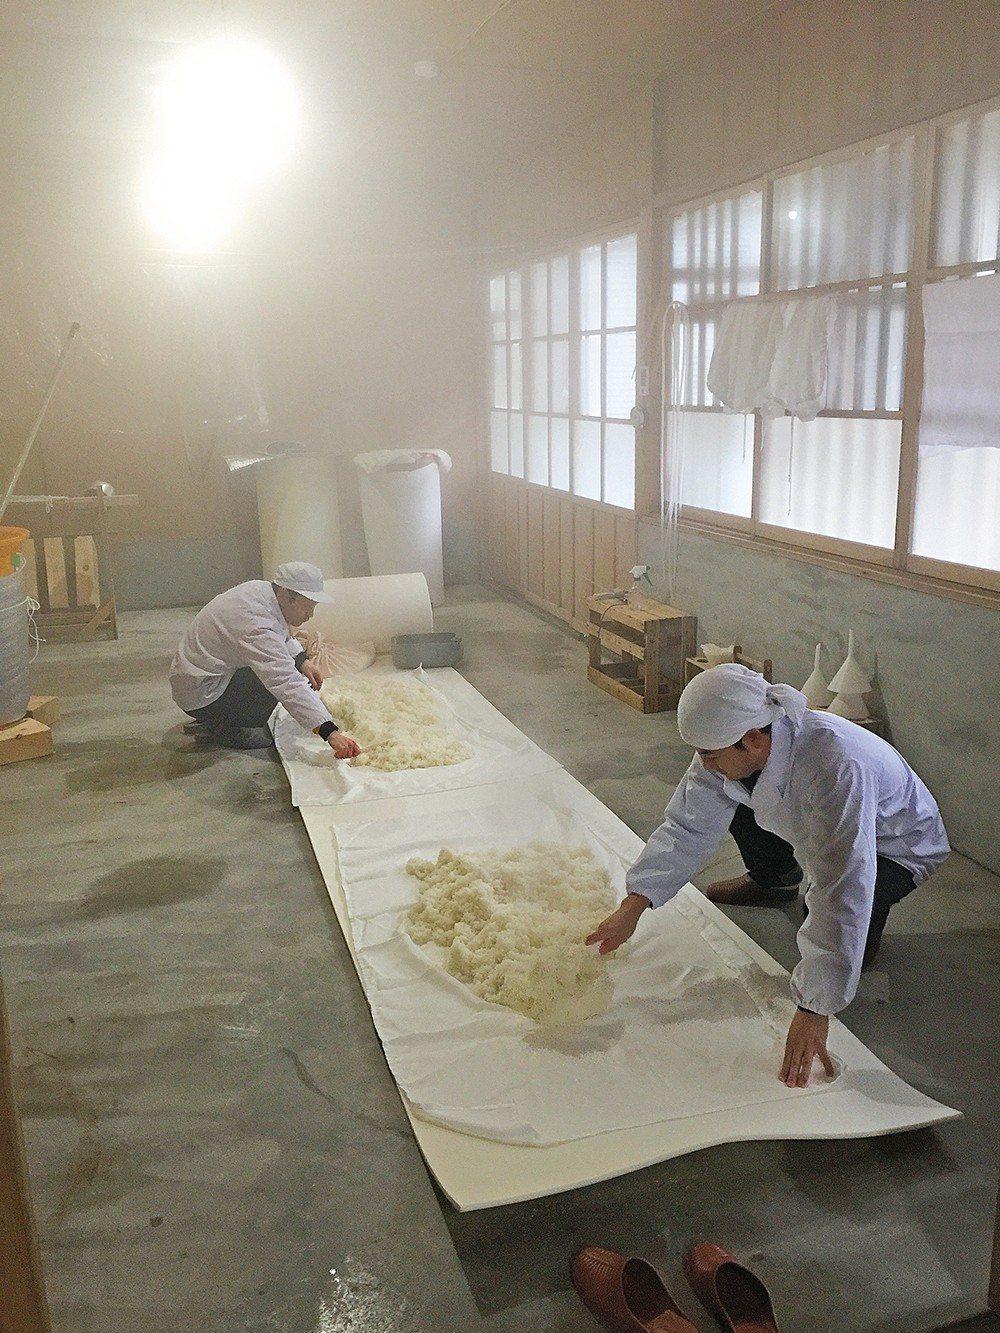 陳韋仁的自釀之路從取種、種稻開始。由於過去日本種植台中六十五號的最北界在北九州,...